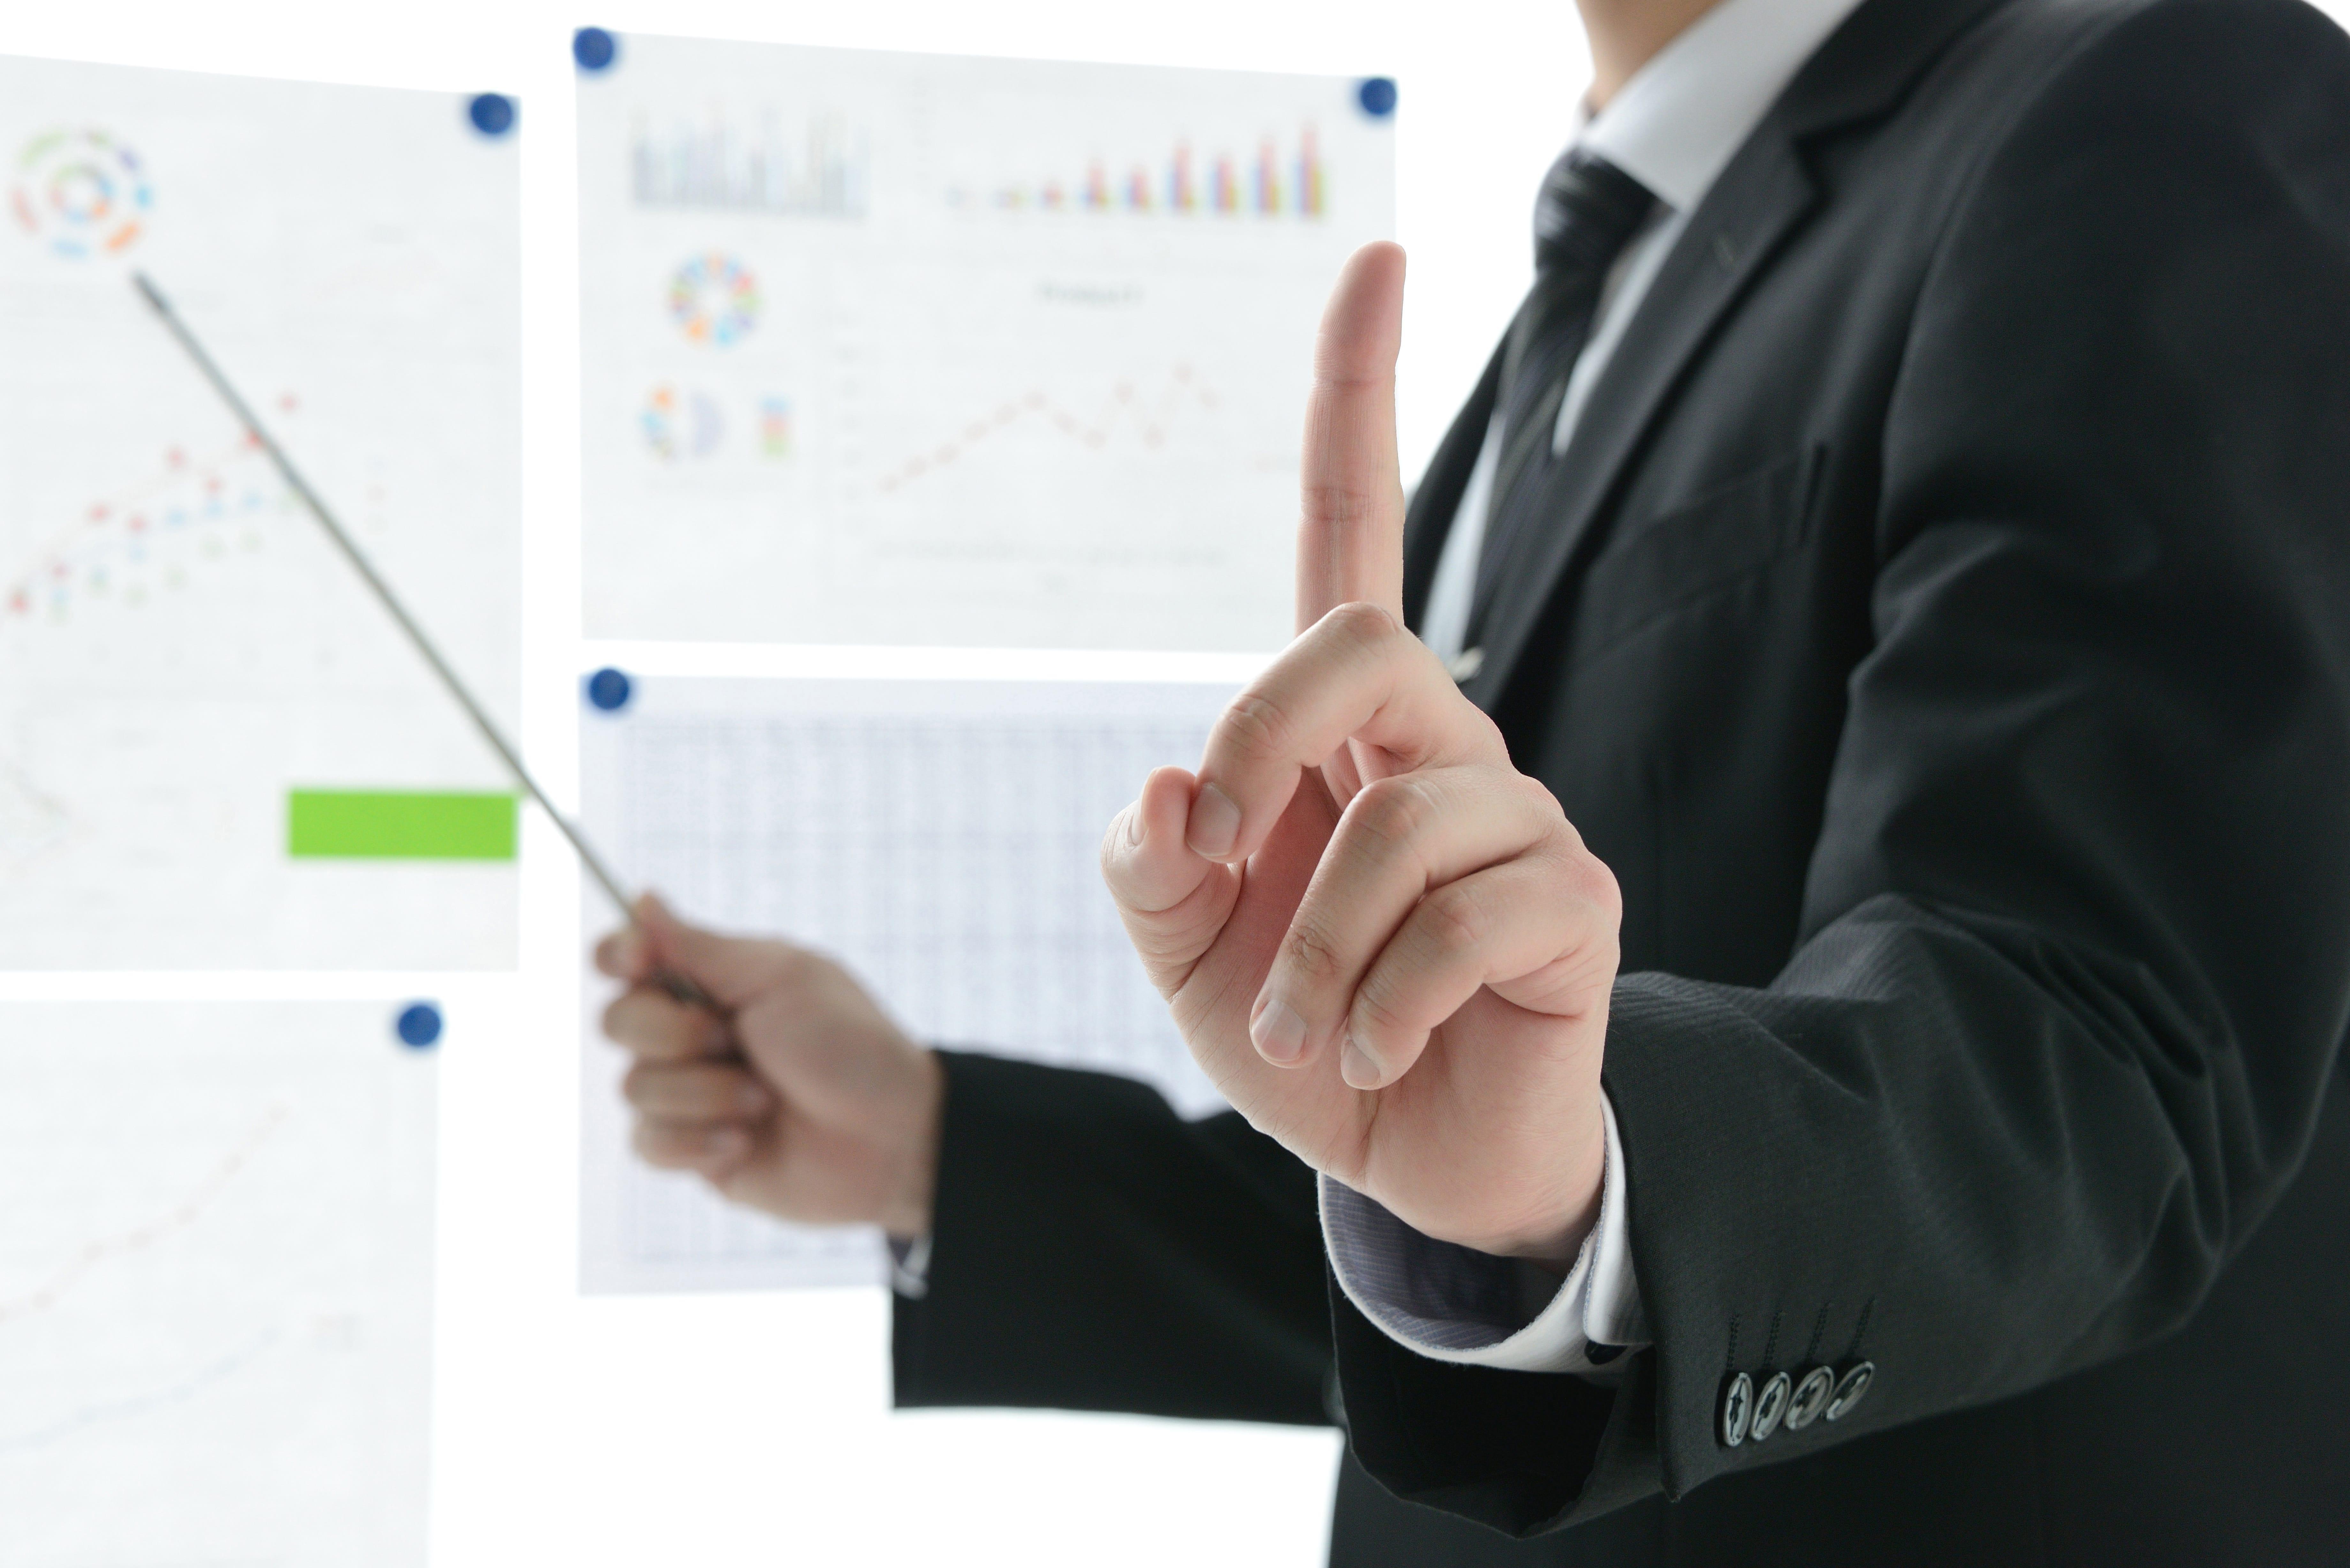 【一元管理の方法7選】データの一元化は業務効率化への近道!